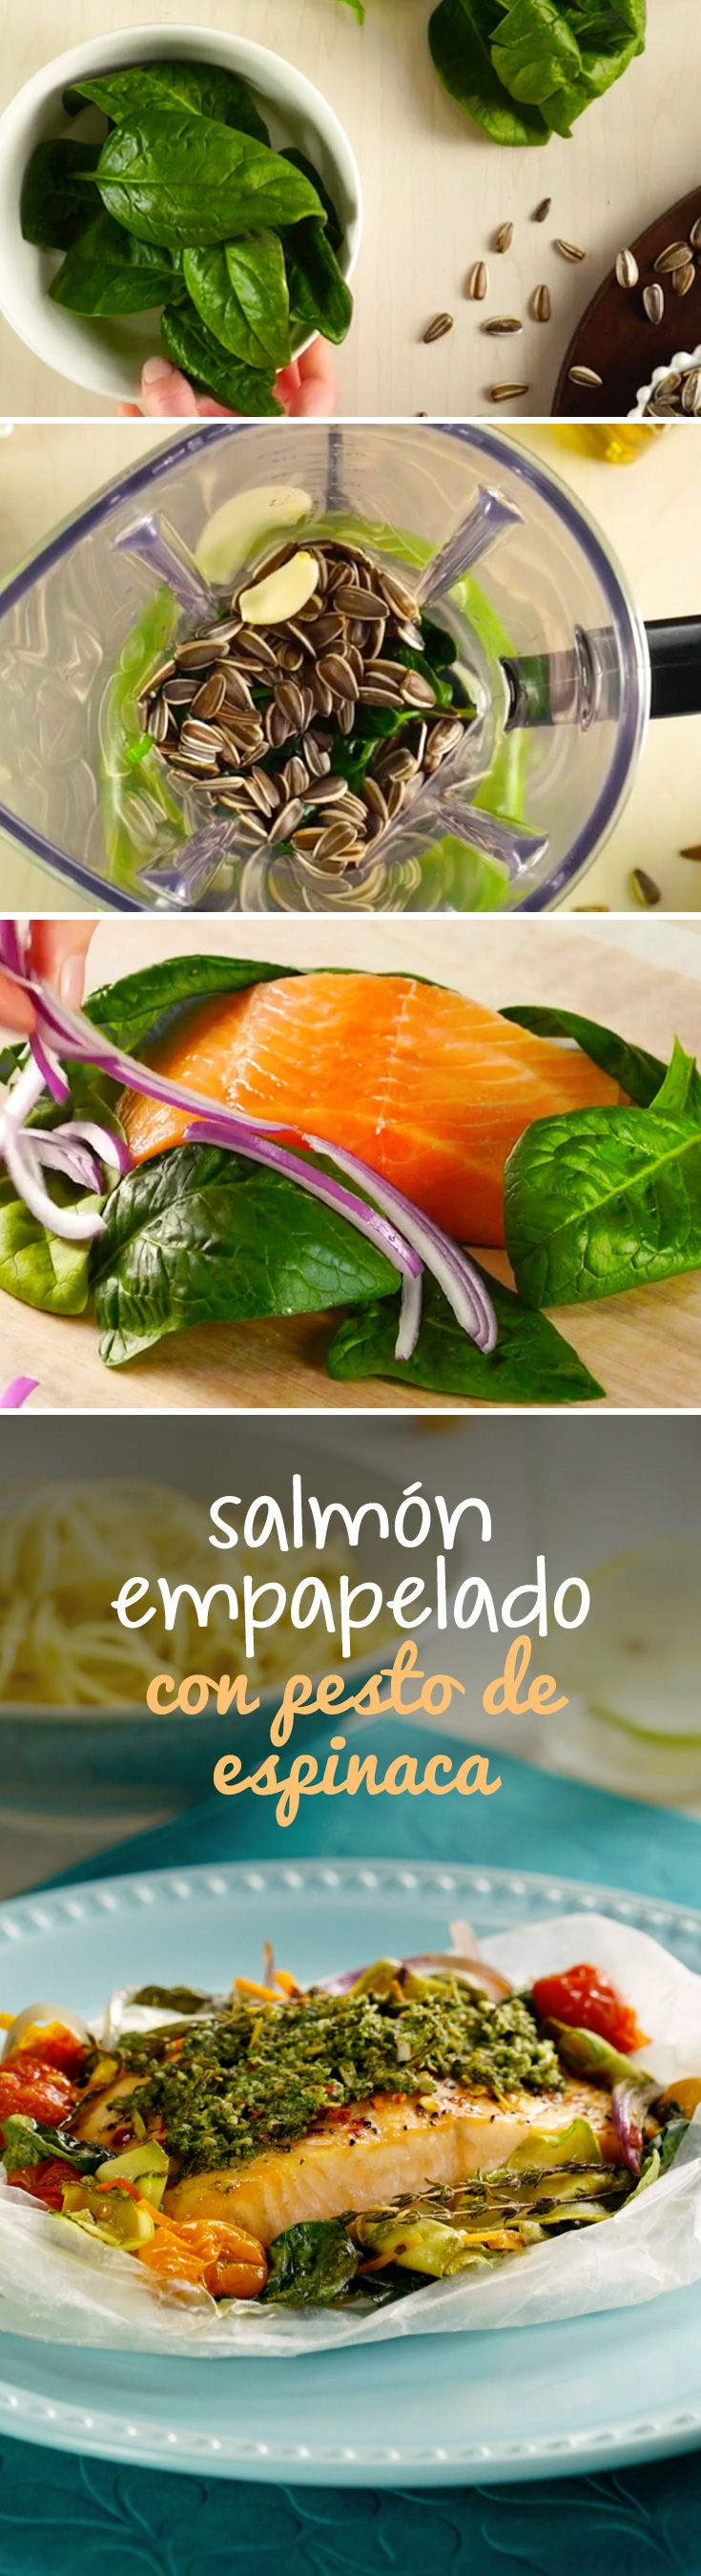 Día 1 del #RetoKiwilimón: disfruta de un delicioso salmón empapelado que puedes preparar en el horno o directamente en un sartén. Una receta rápida que te ayudará a bajar de peso.